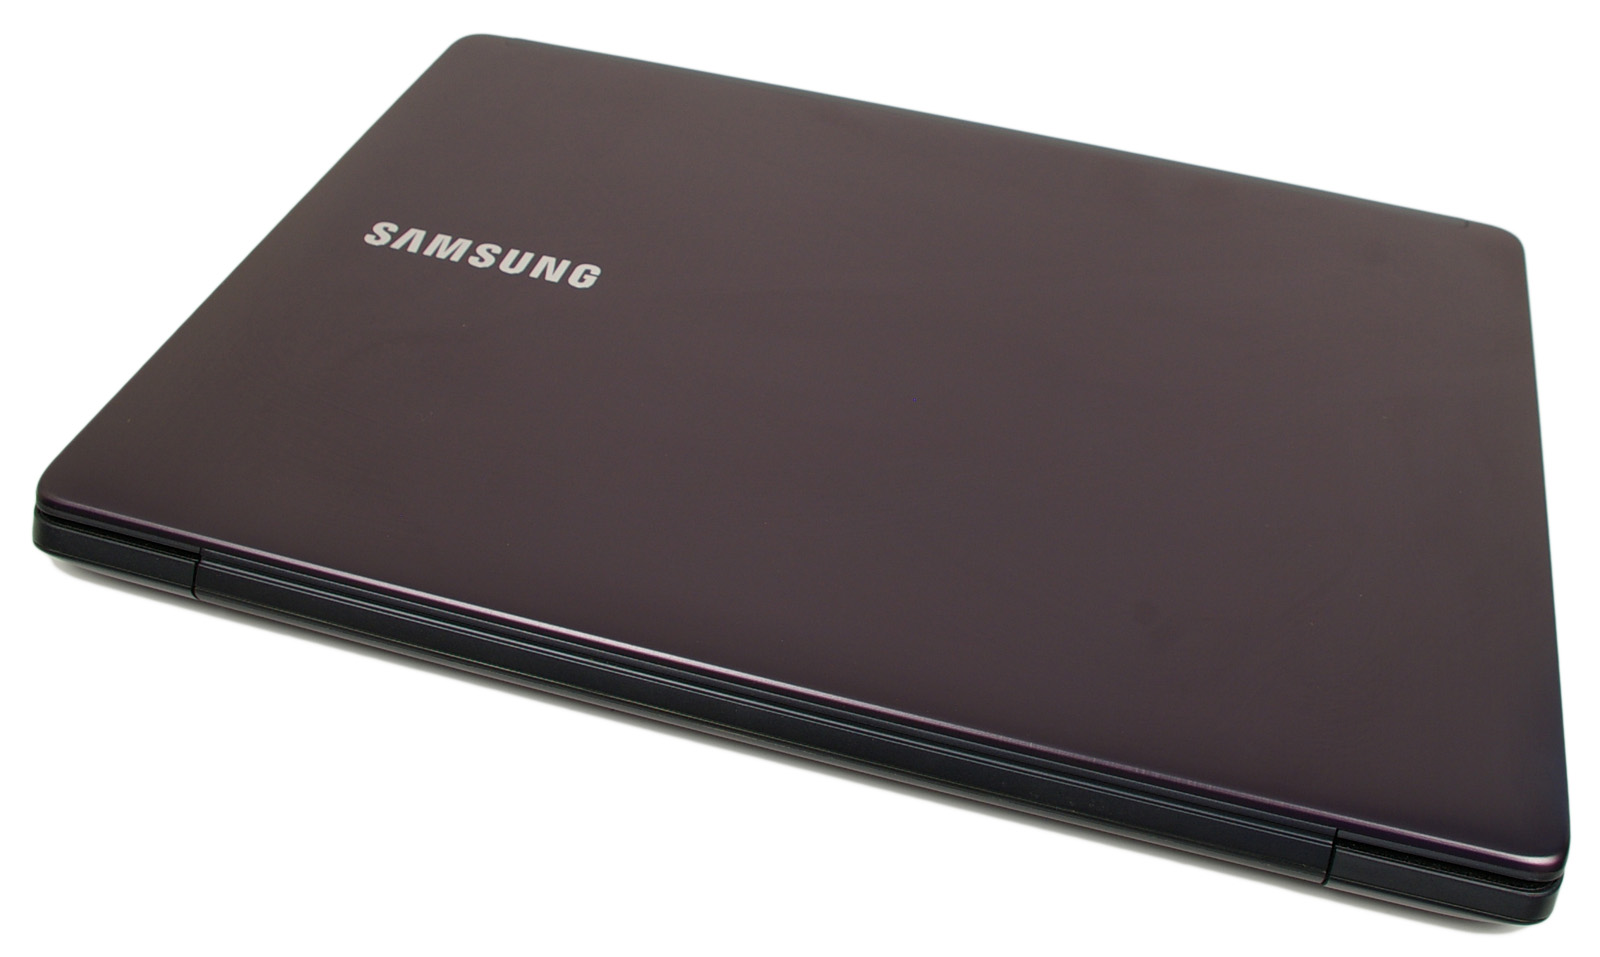 fedf5d9859bc ... hanem az 5-ös sorozatba tartozó második generációs (NP540U4 és NP530U4)  Ultrabookot tarthatjuk a kezükben, amelyet először a monacói Samsung Fórum  ...